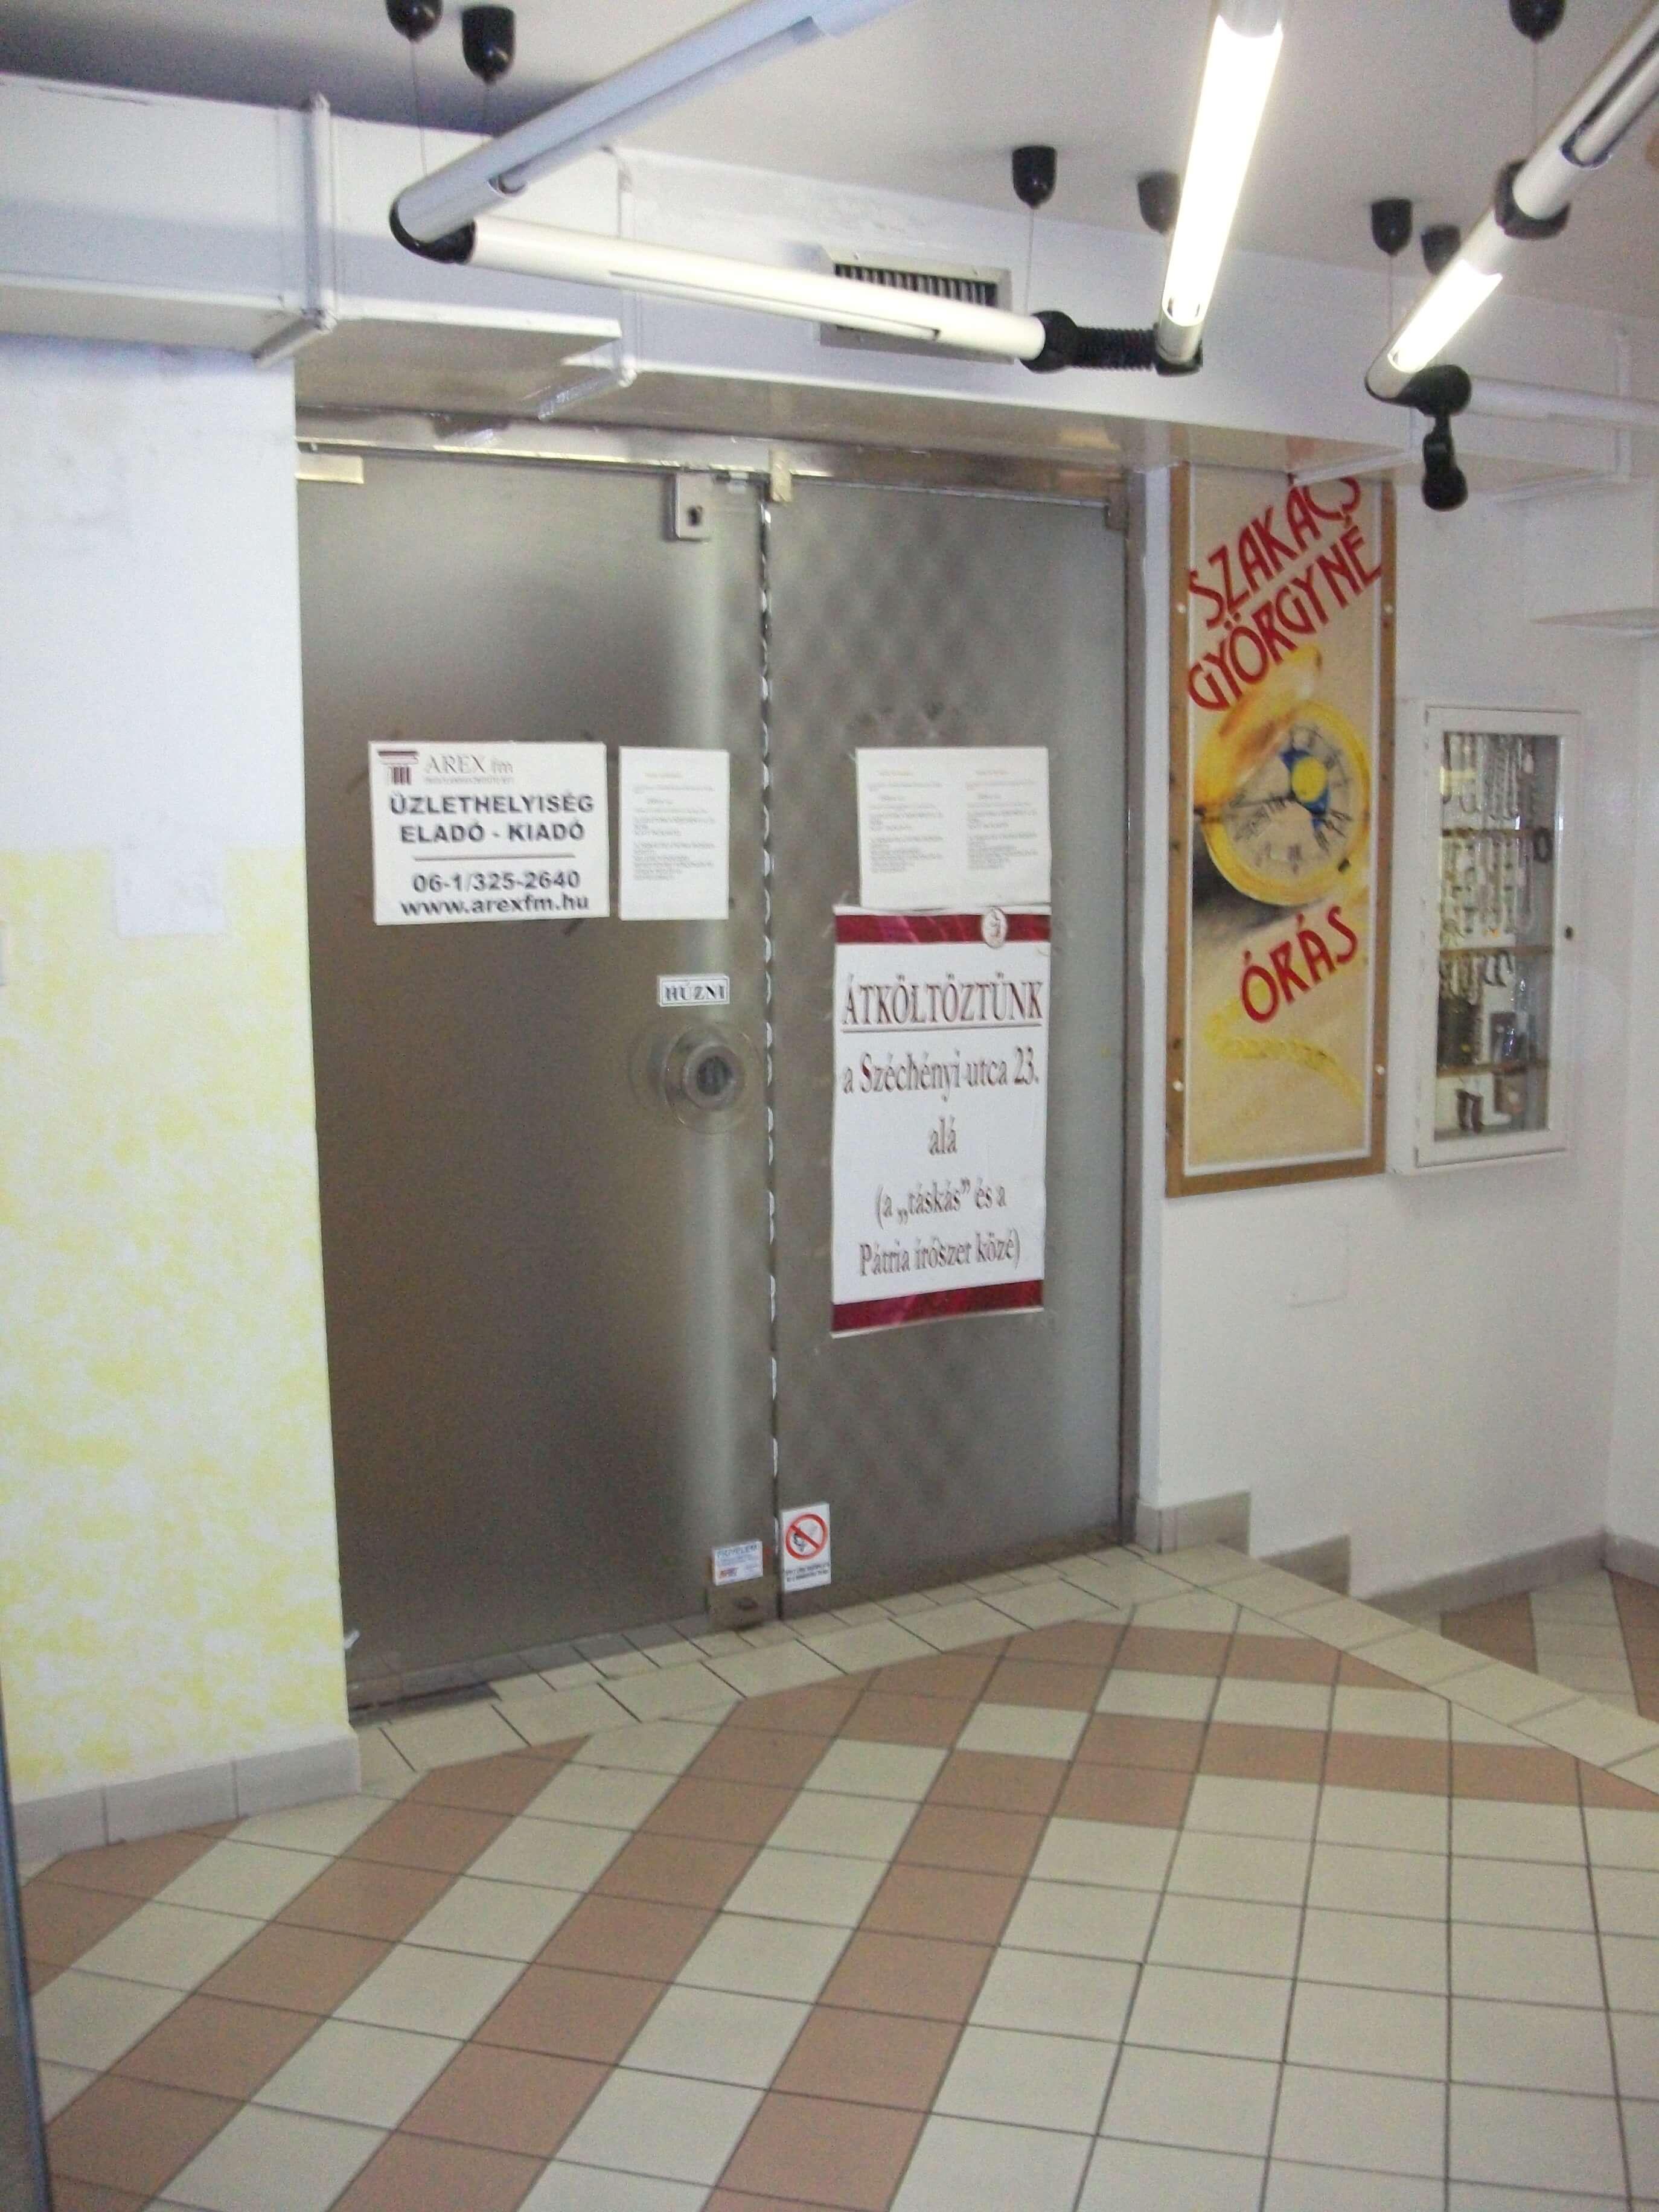 7100 Szekszárd, Széchenyi utca 21. kiadó üzlethelyiség